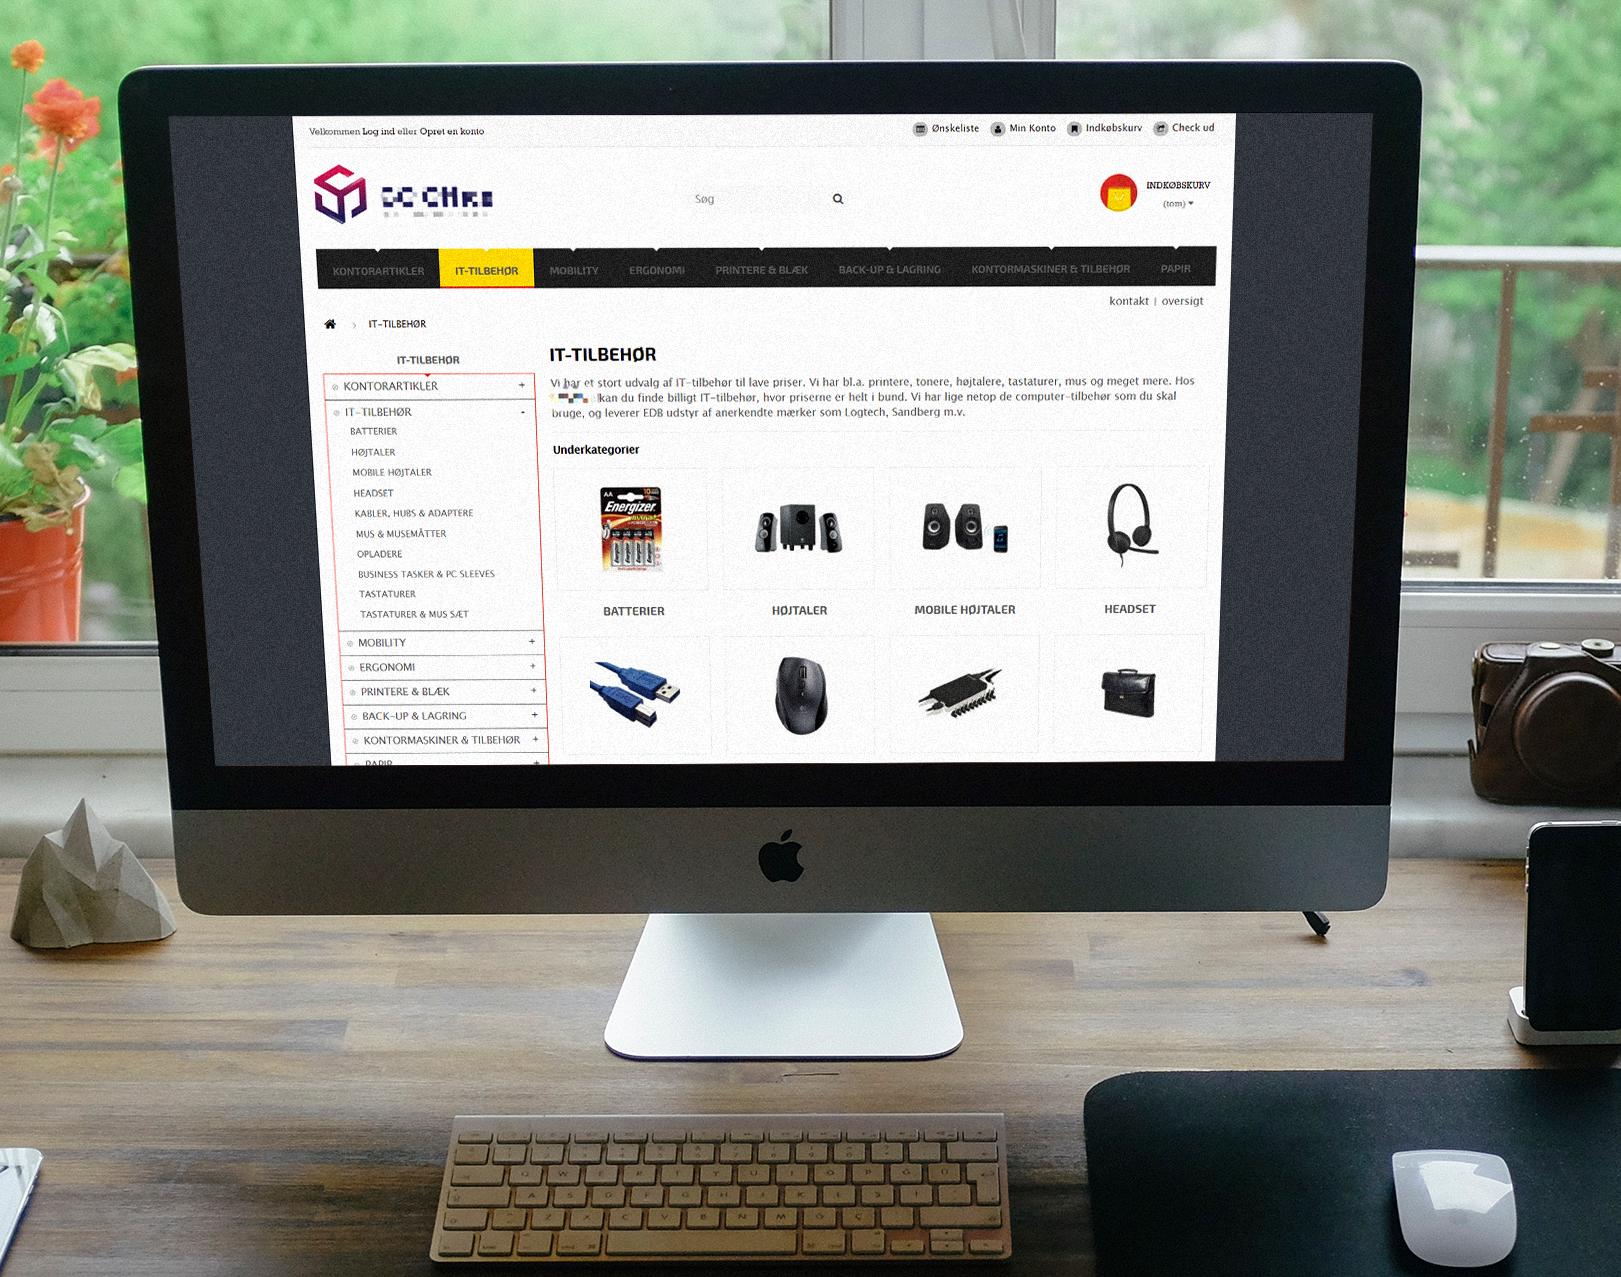 Webshop med salg af kontorartikler - har omsat via organisk resultater inkl. leverandøradgang